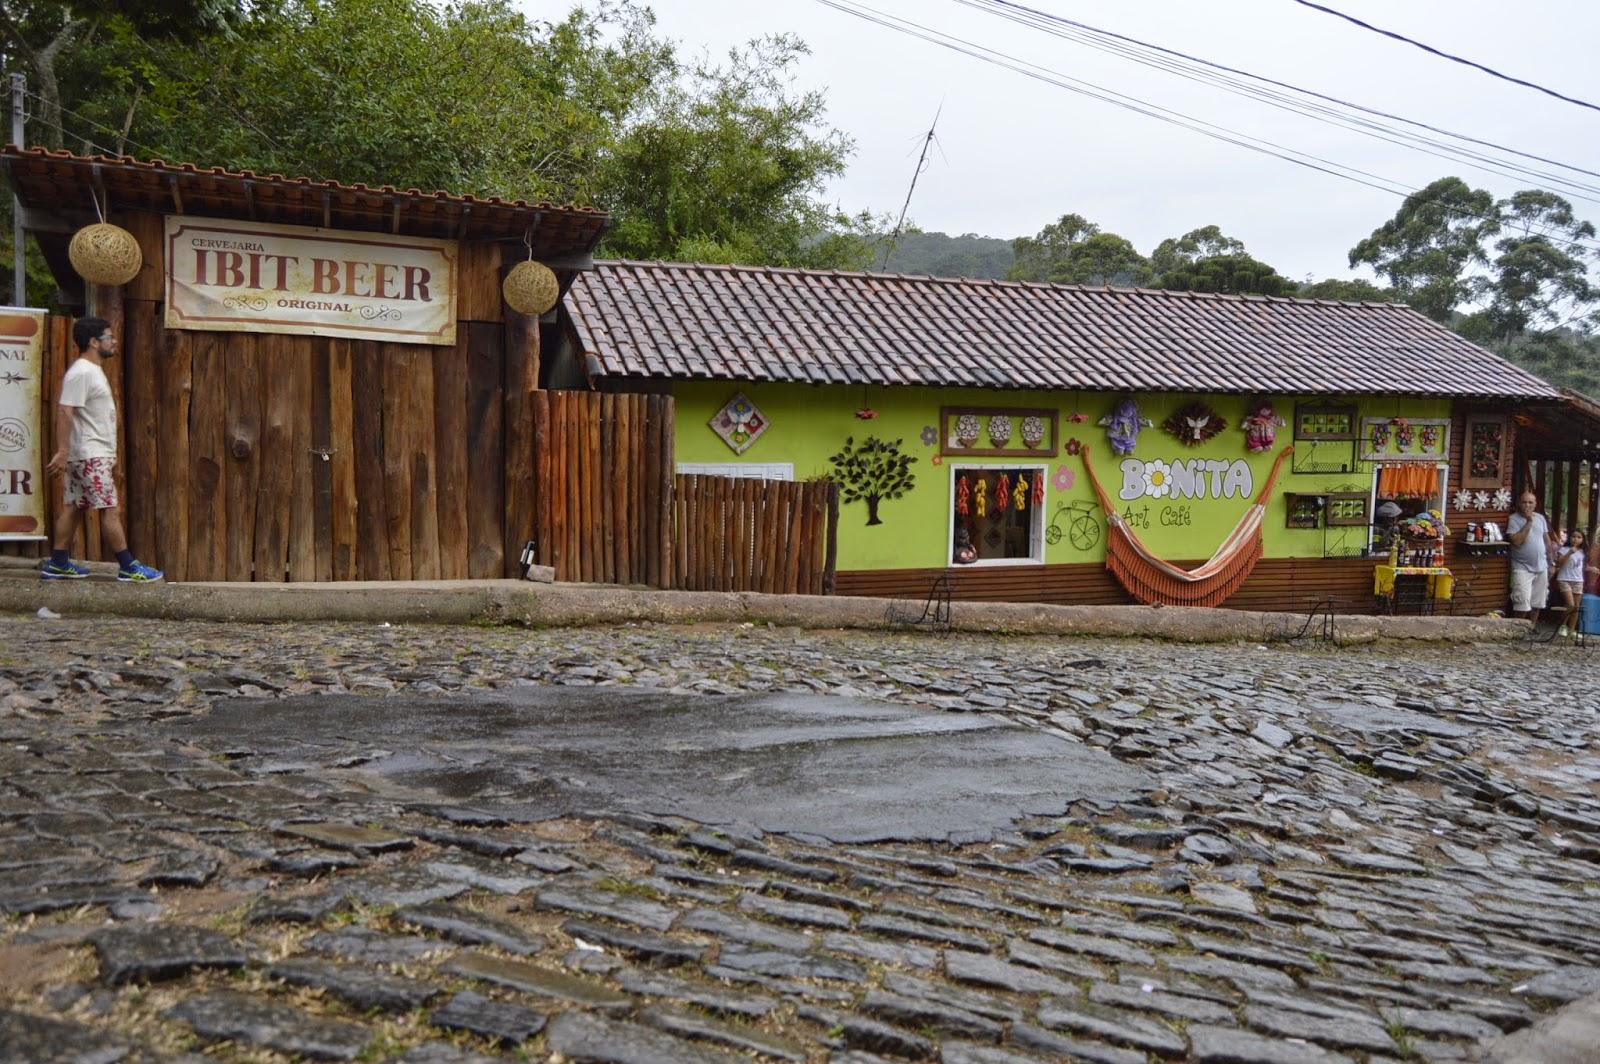 Vila de Conceição do Ibitipoca